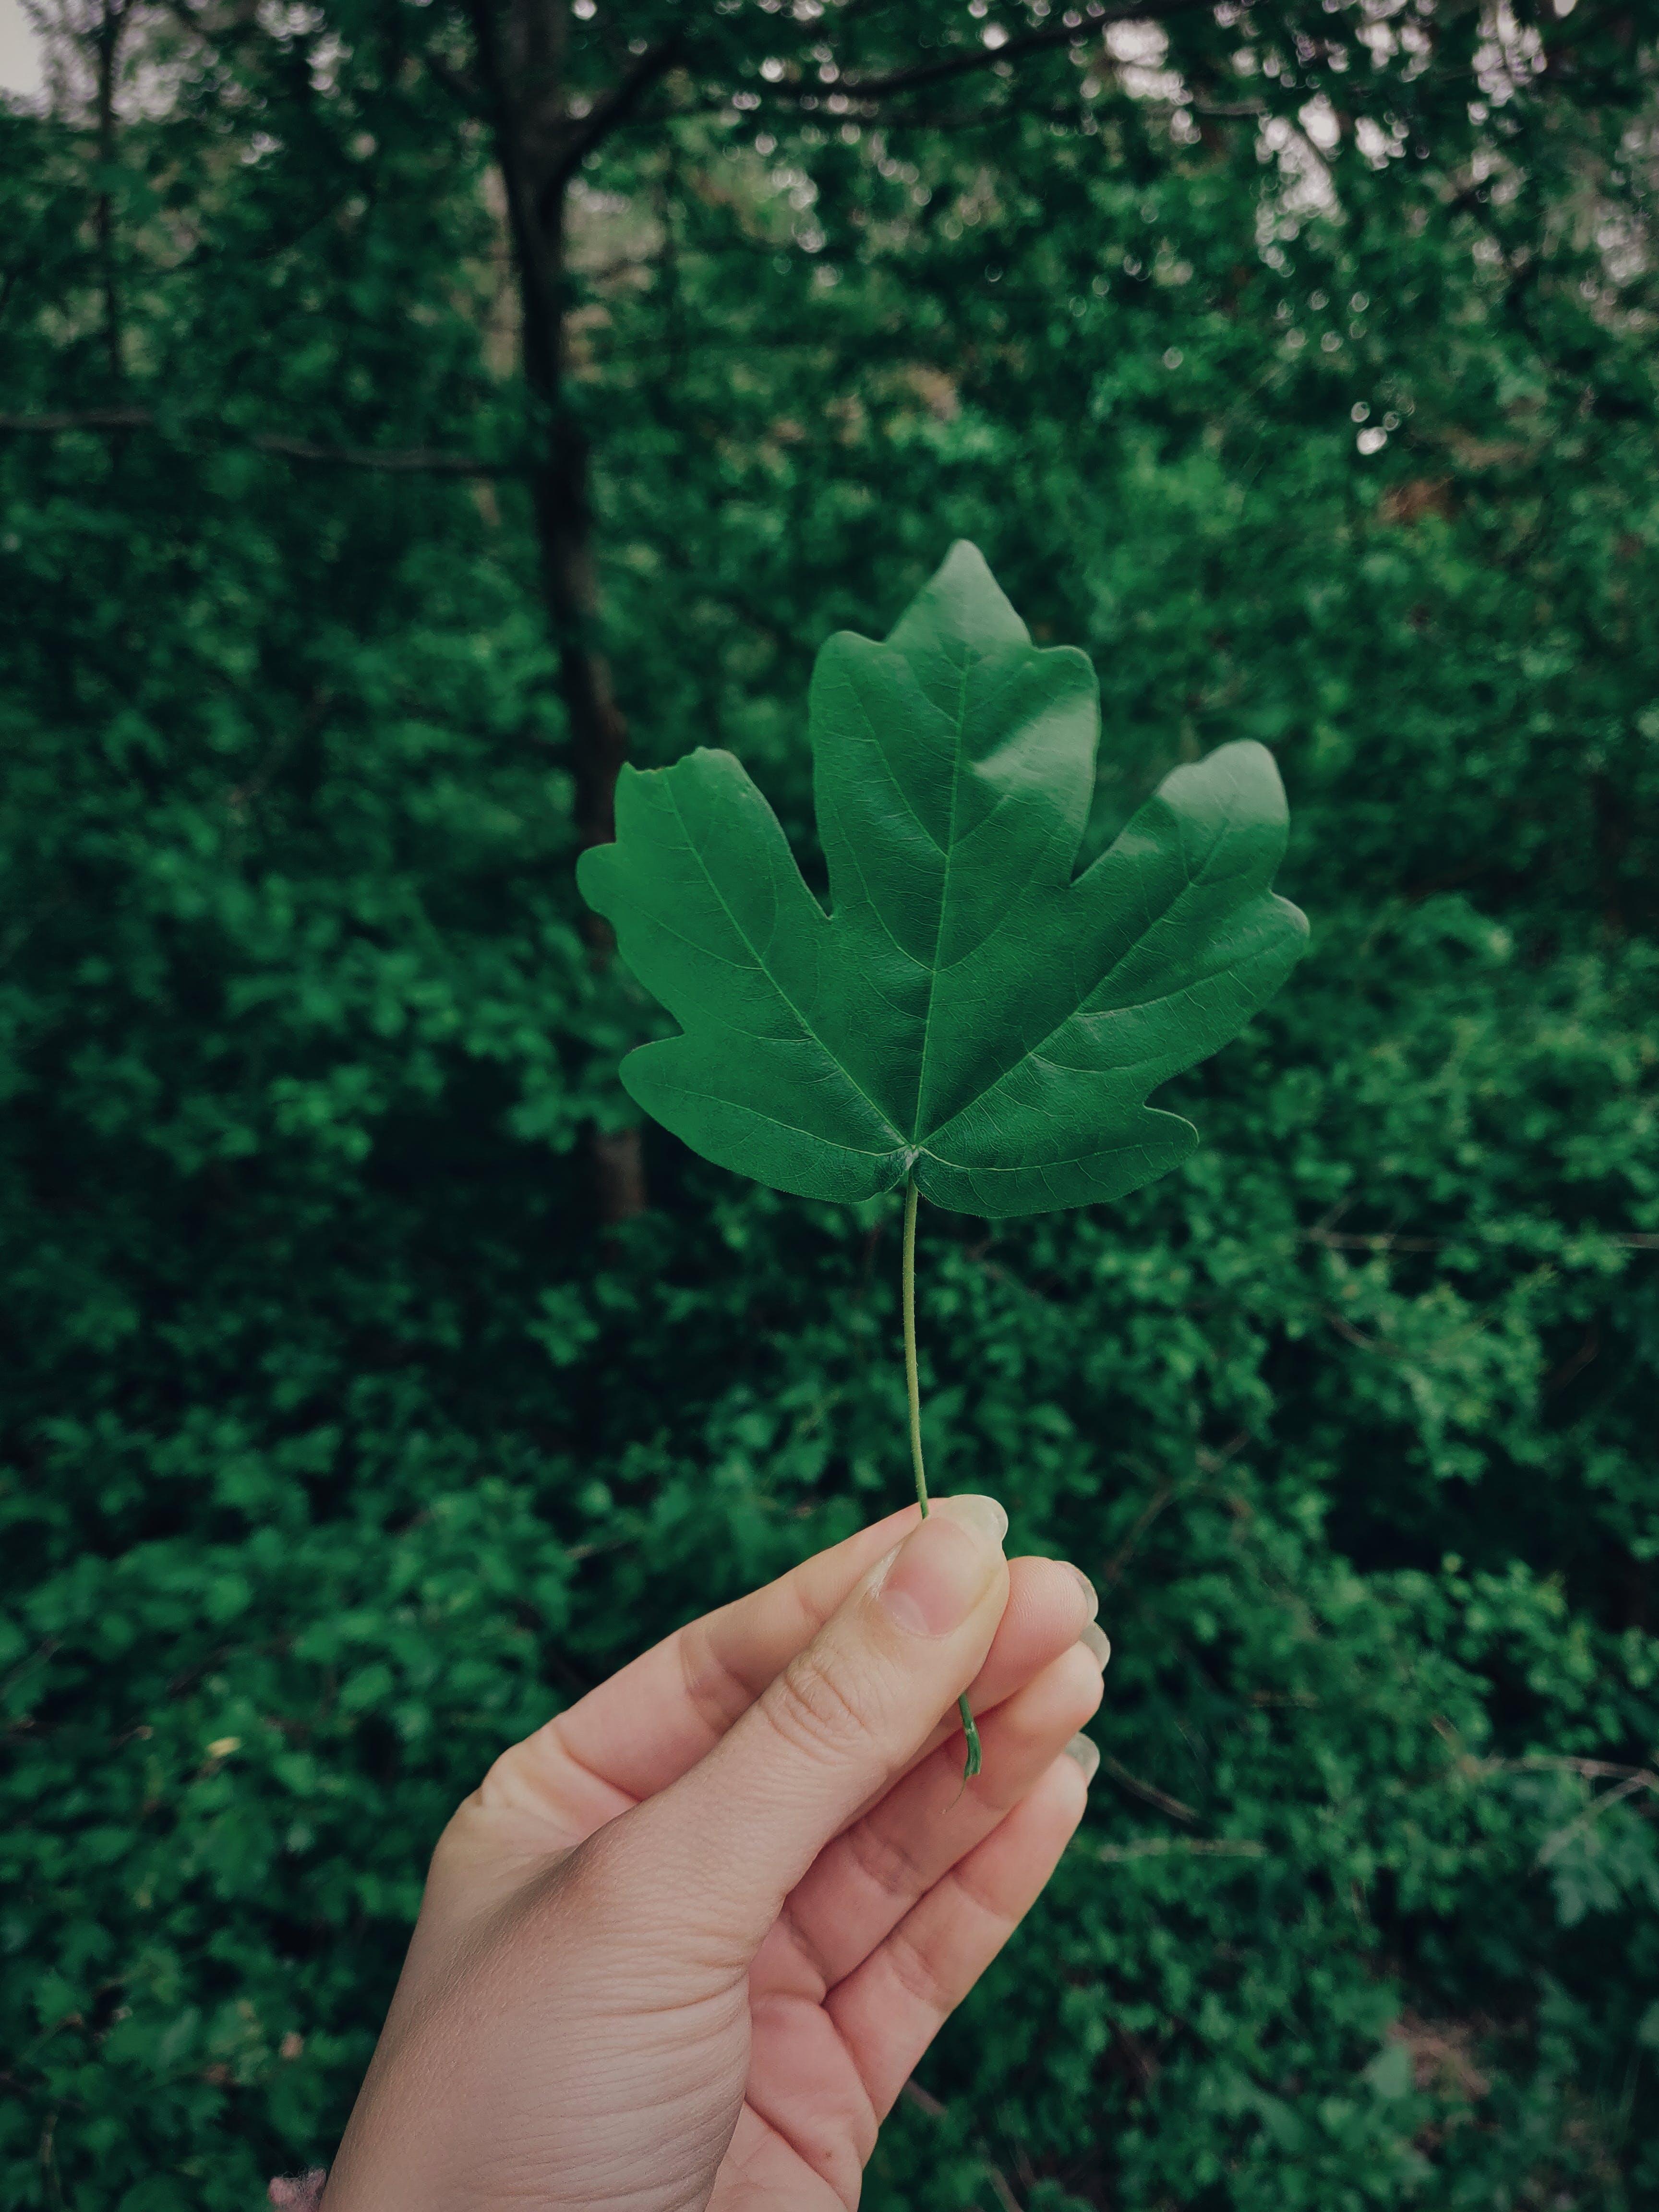 ハンド, 緑, 葉の無料の写真素材